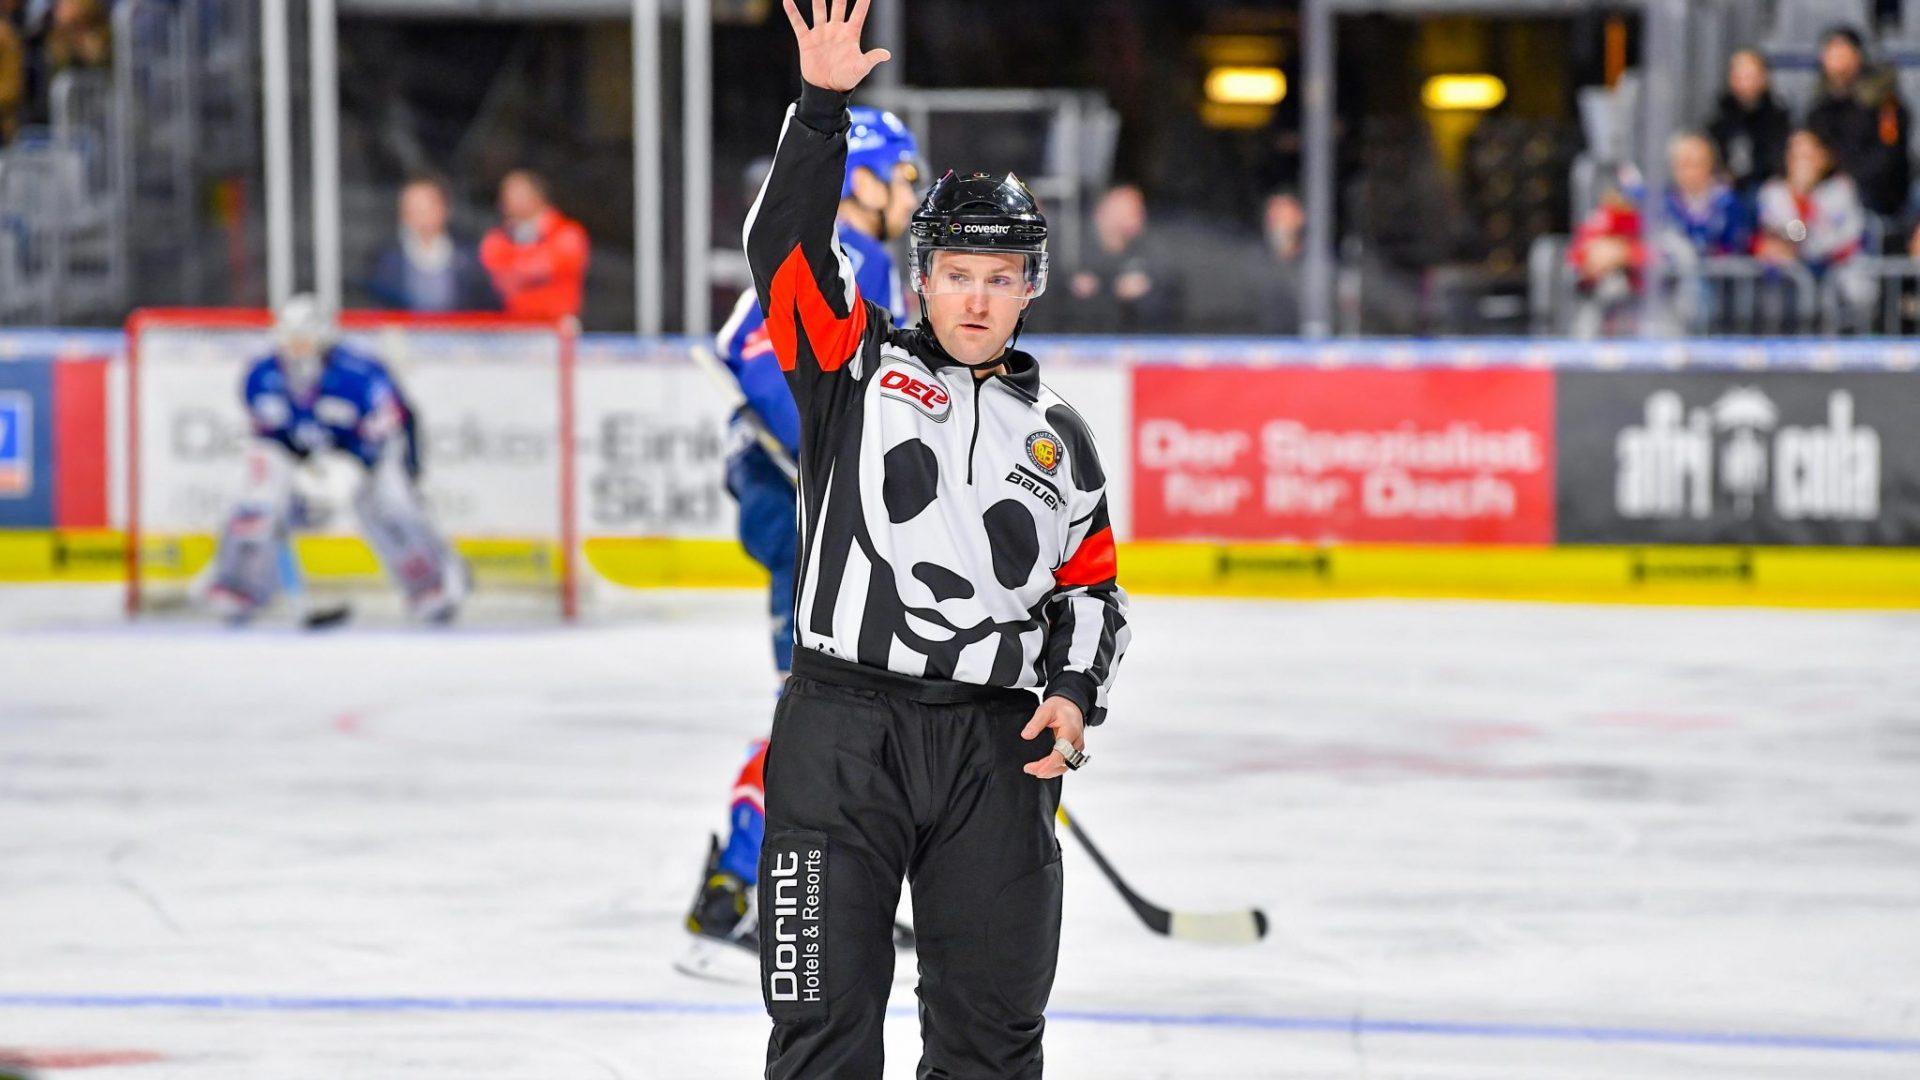 Die Eishockey-Schiedsrichter der DEL werden ihre Spiele künftig im Panda-Trikot pfeifen. Der Panda war beim Eröffnungsbully live dabei. © City Press